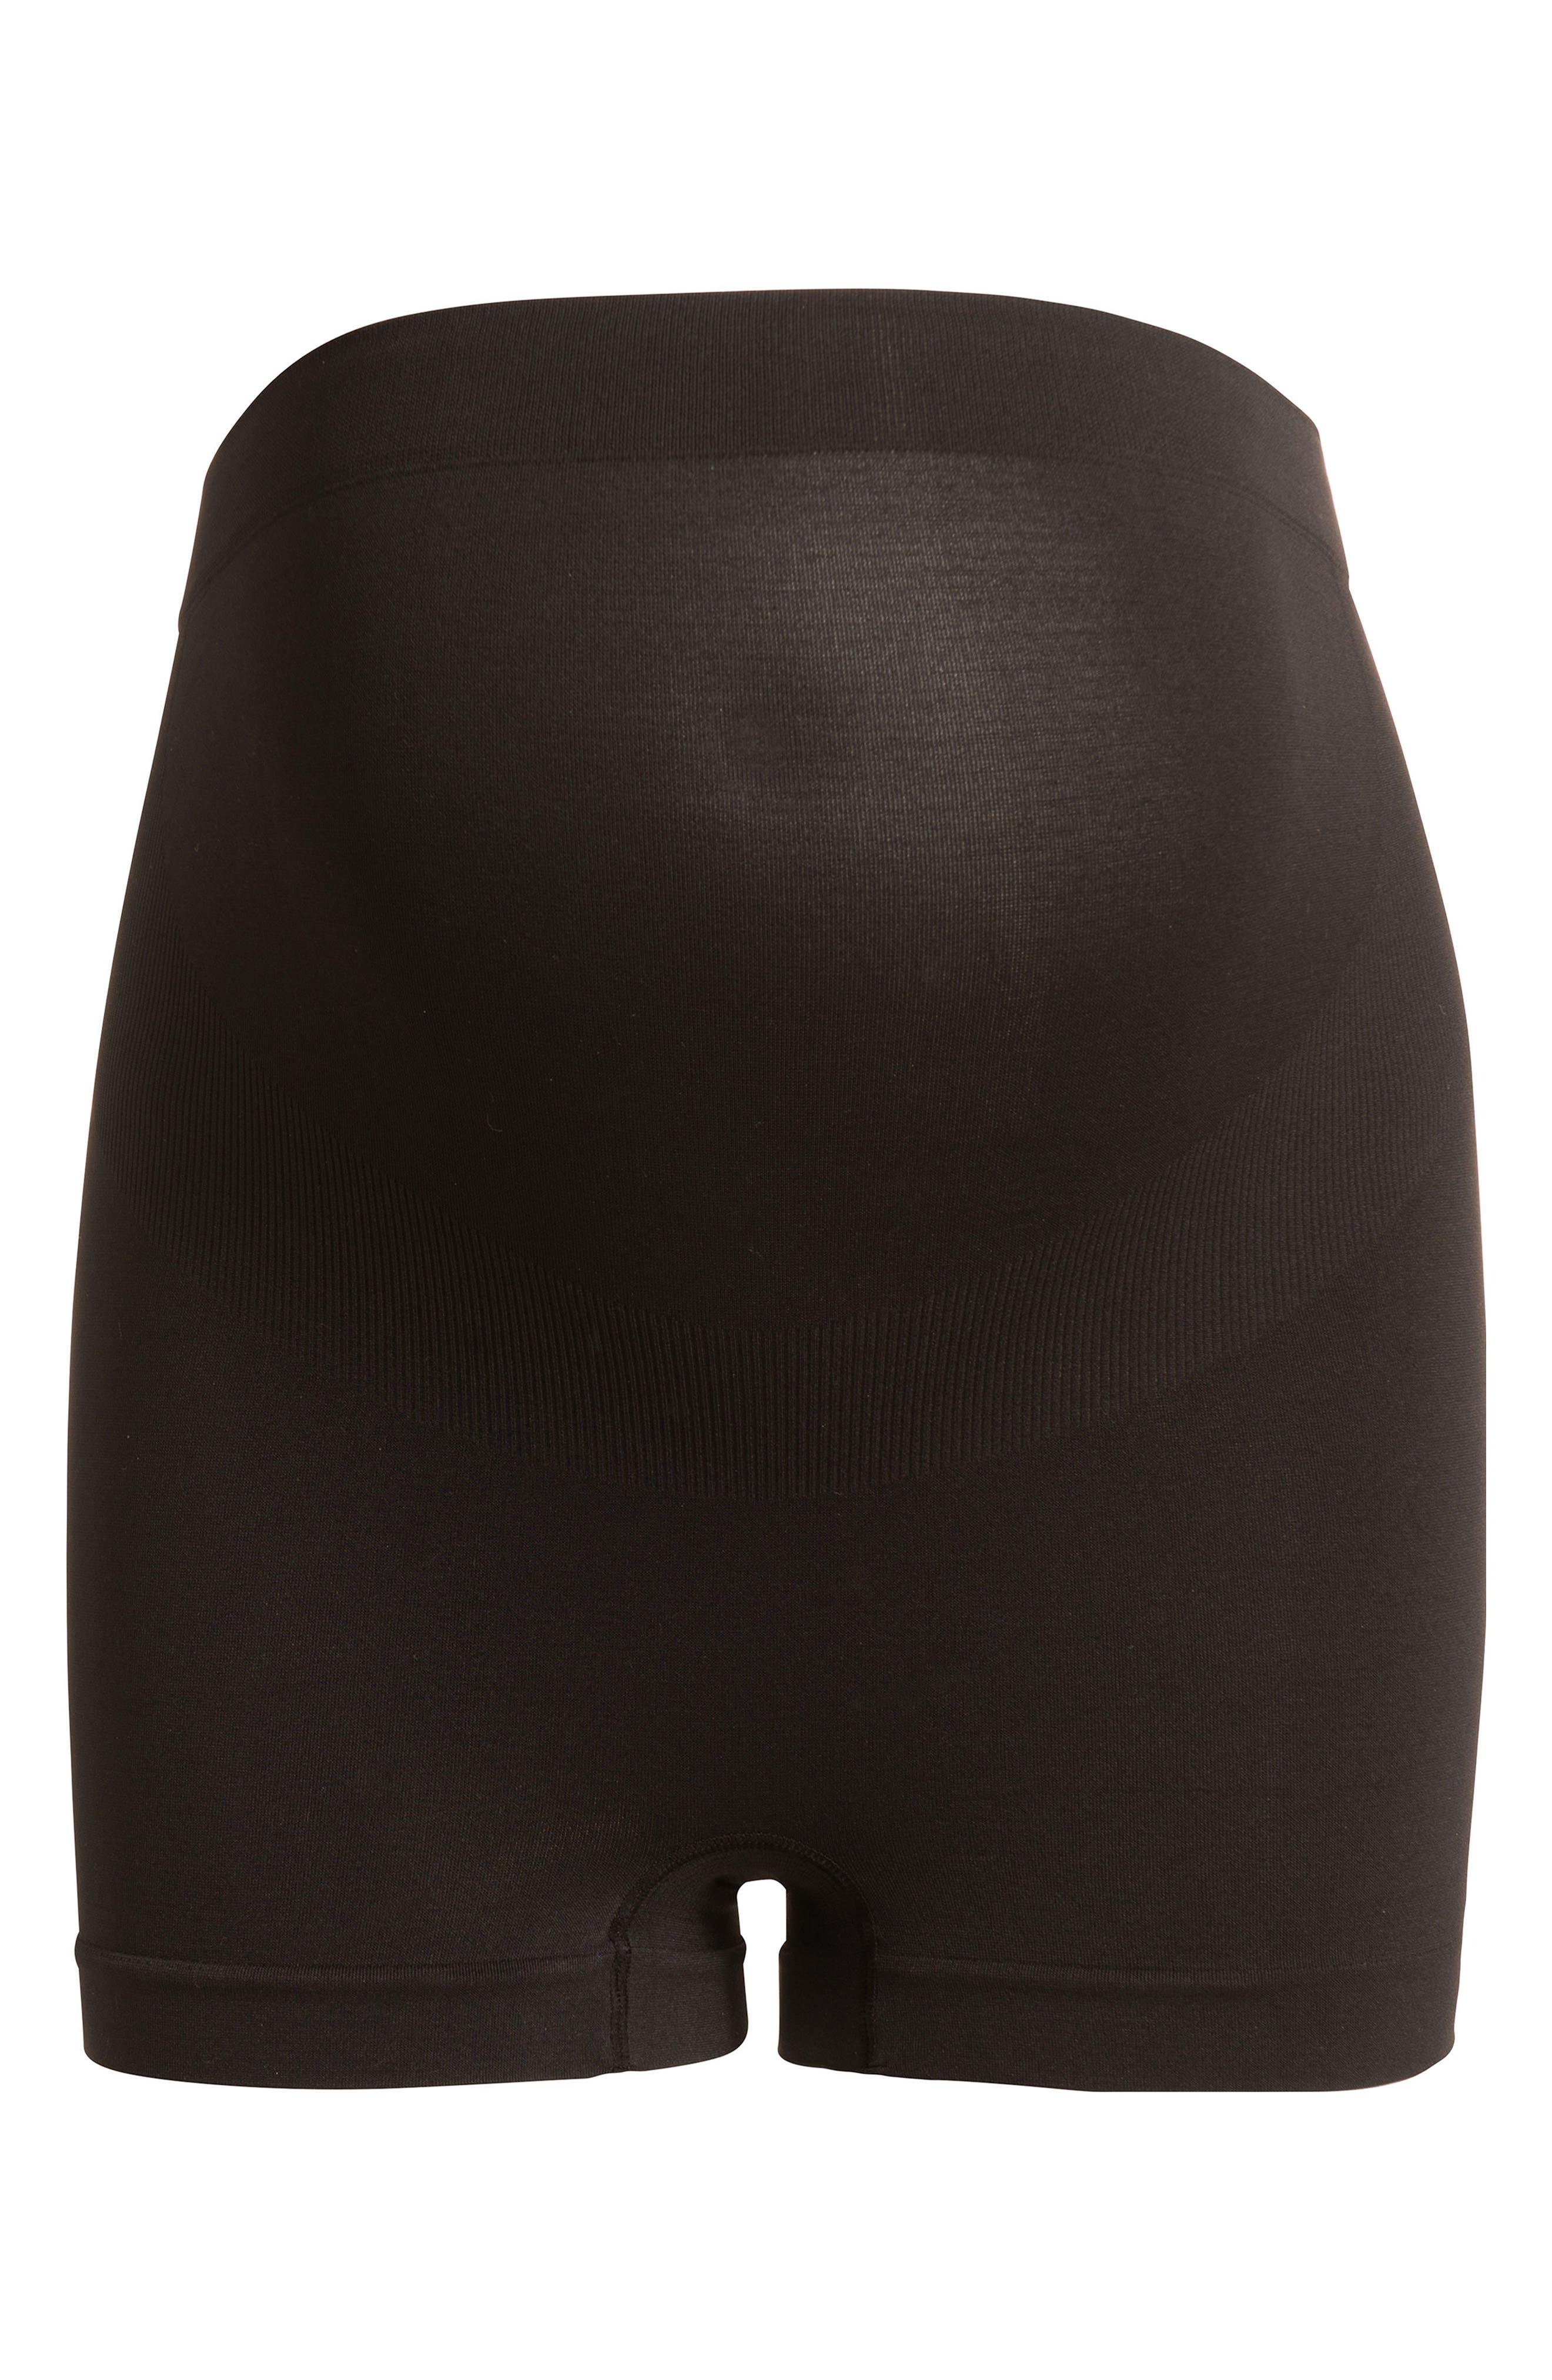 Seamless Maternity Shorts,                             Main thumbnail 1, color,                             BLACK